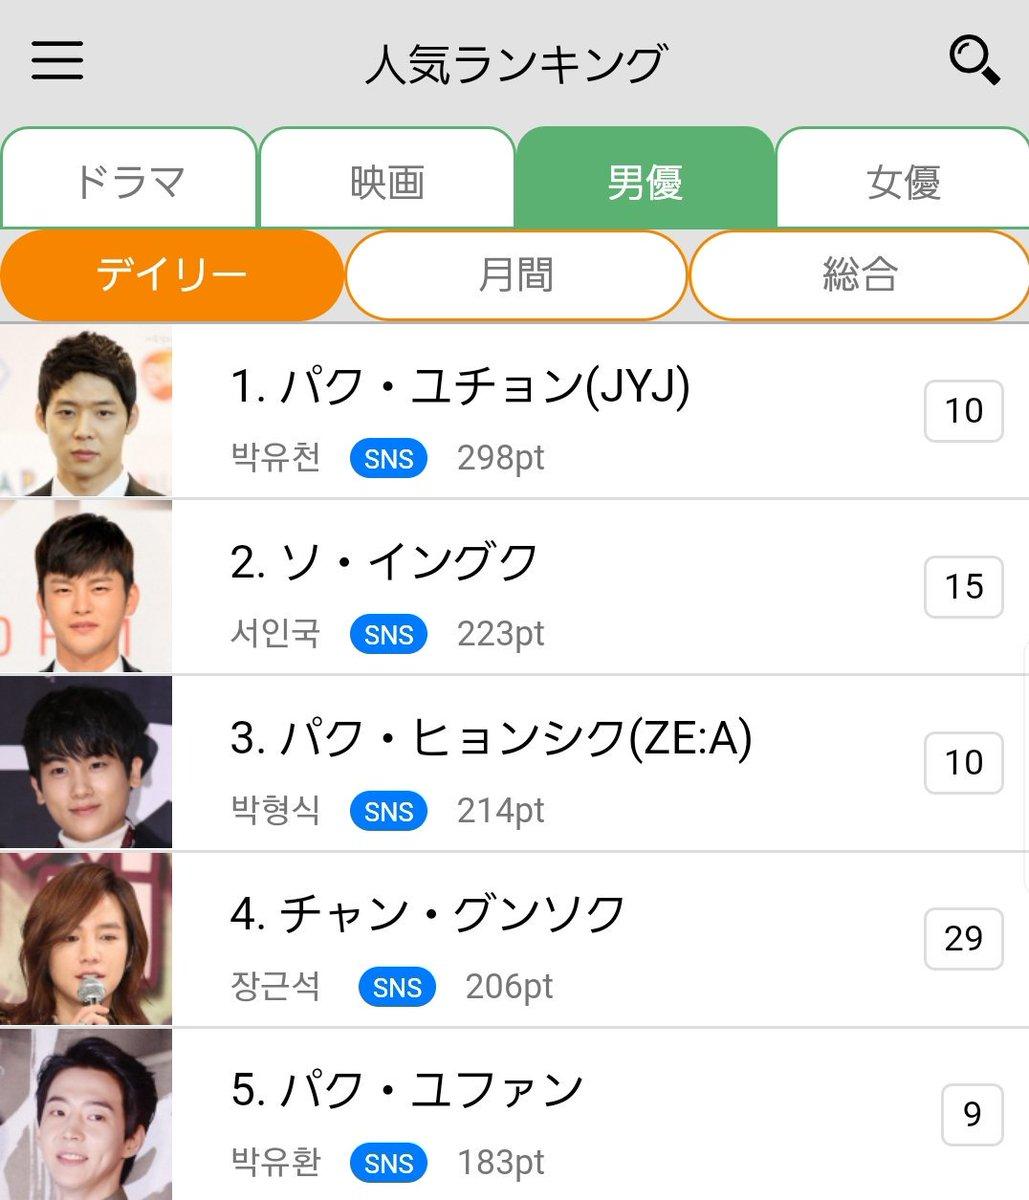 おはよういつもRT ポチッ💓 ありがとうね韓ドラ大辞典の人気投票今日も グンちゃんに投票しようね(≧∇≦)/韓ドラ大事典 Android iPhone  #チャン・グンソク#グンちゃん#スイッチ